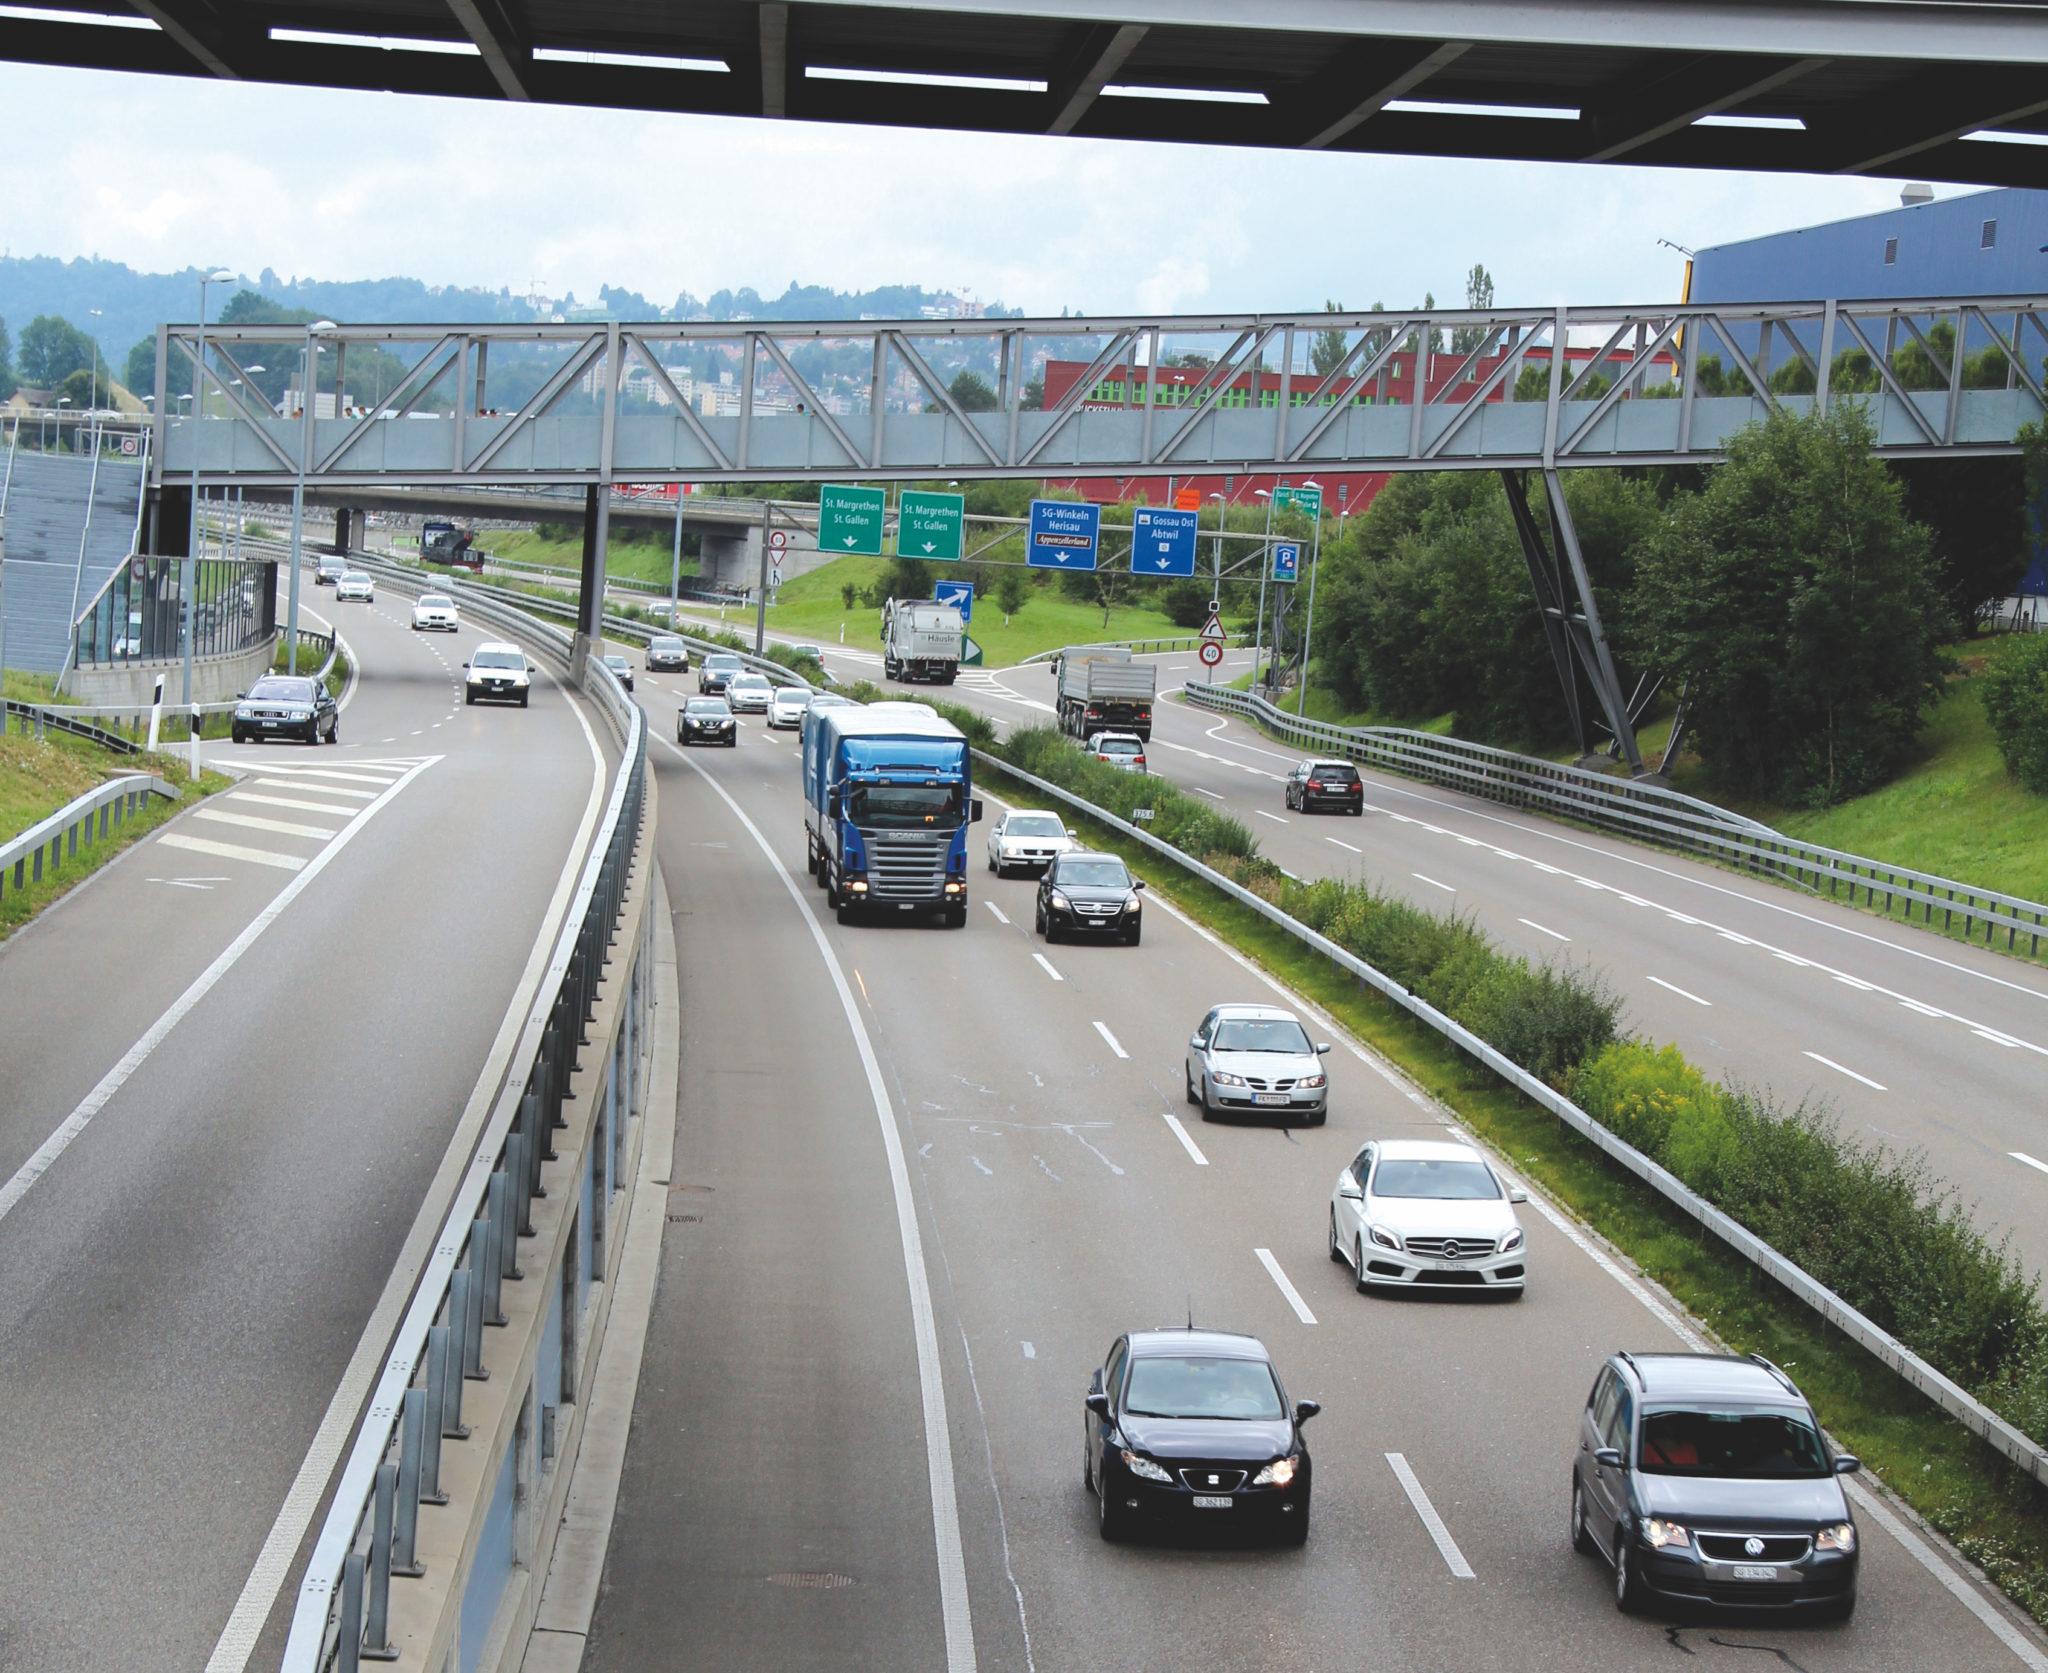 Für die Umweltbilanz des Verkehrs ist auch entscheidend, aus welchem Material der Asphalt unter den Fahrzeugen besteht.